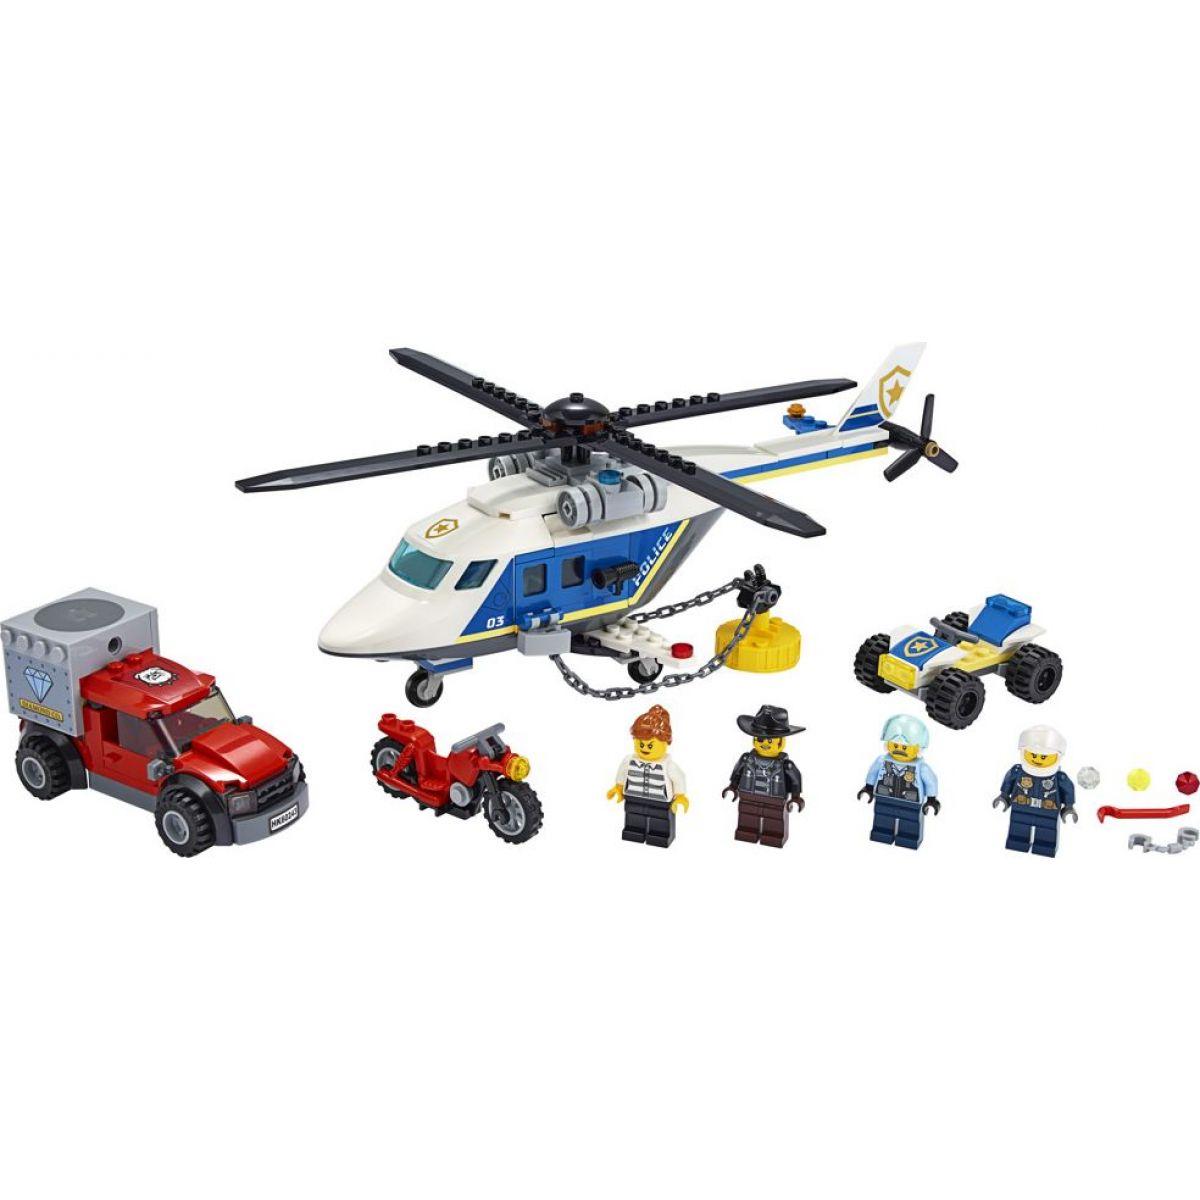 LEGO City 60243 Pronásledování s policejní helikoptérou - Poškozený obal